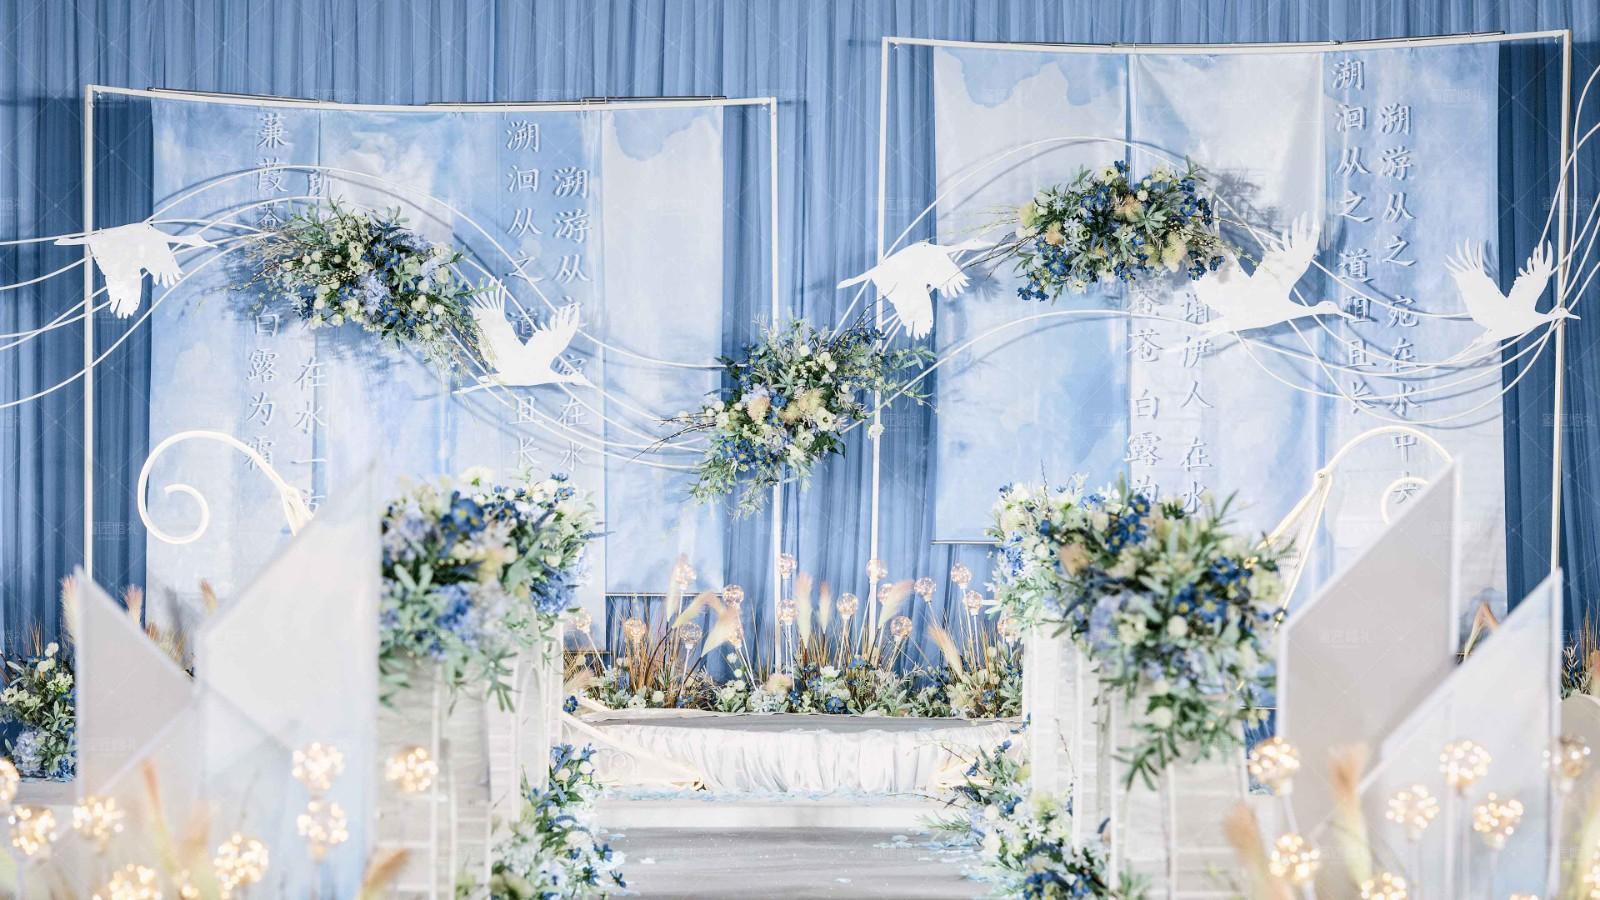 滑县室内森系婚礼布置 滑县室内森系婚礼大概多少钱